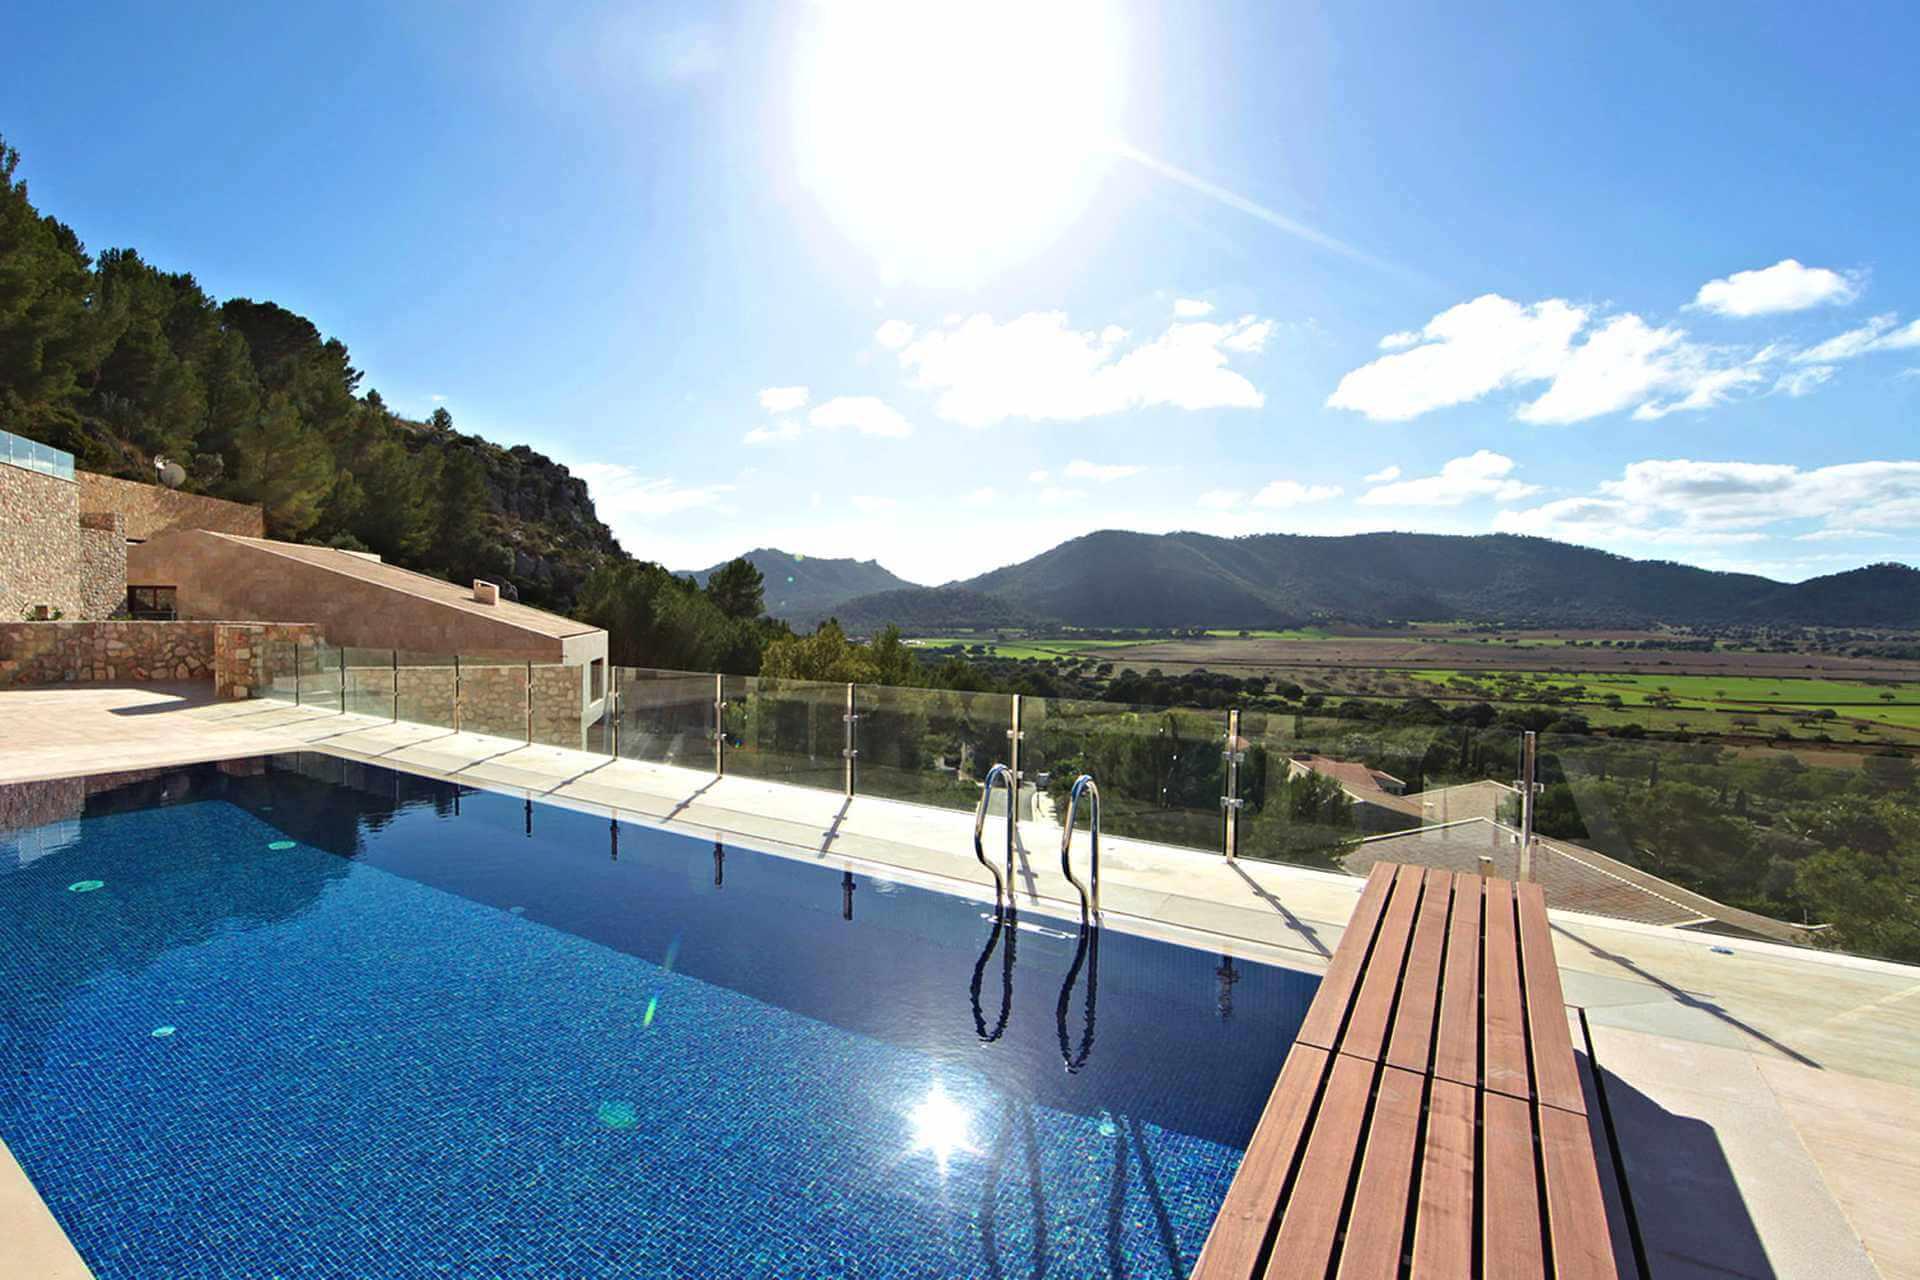 01-328 Villa mit Ausblick Nordosten Mallorca Bild 4